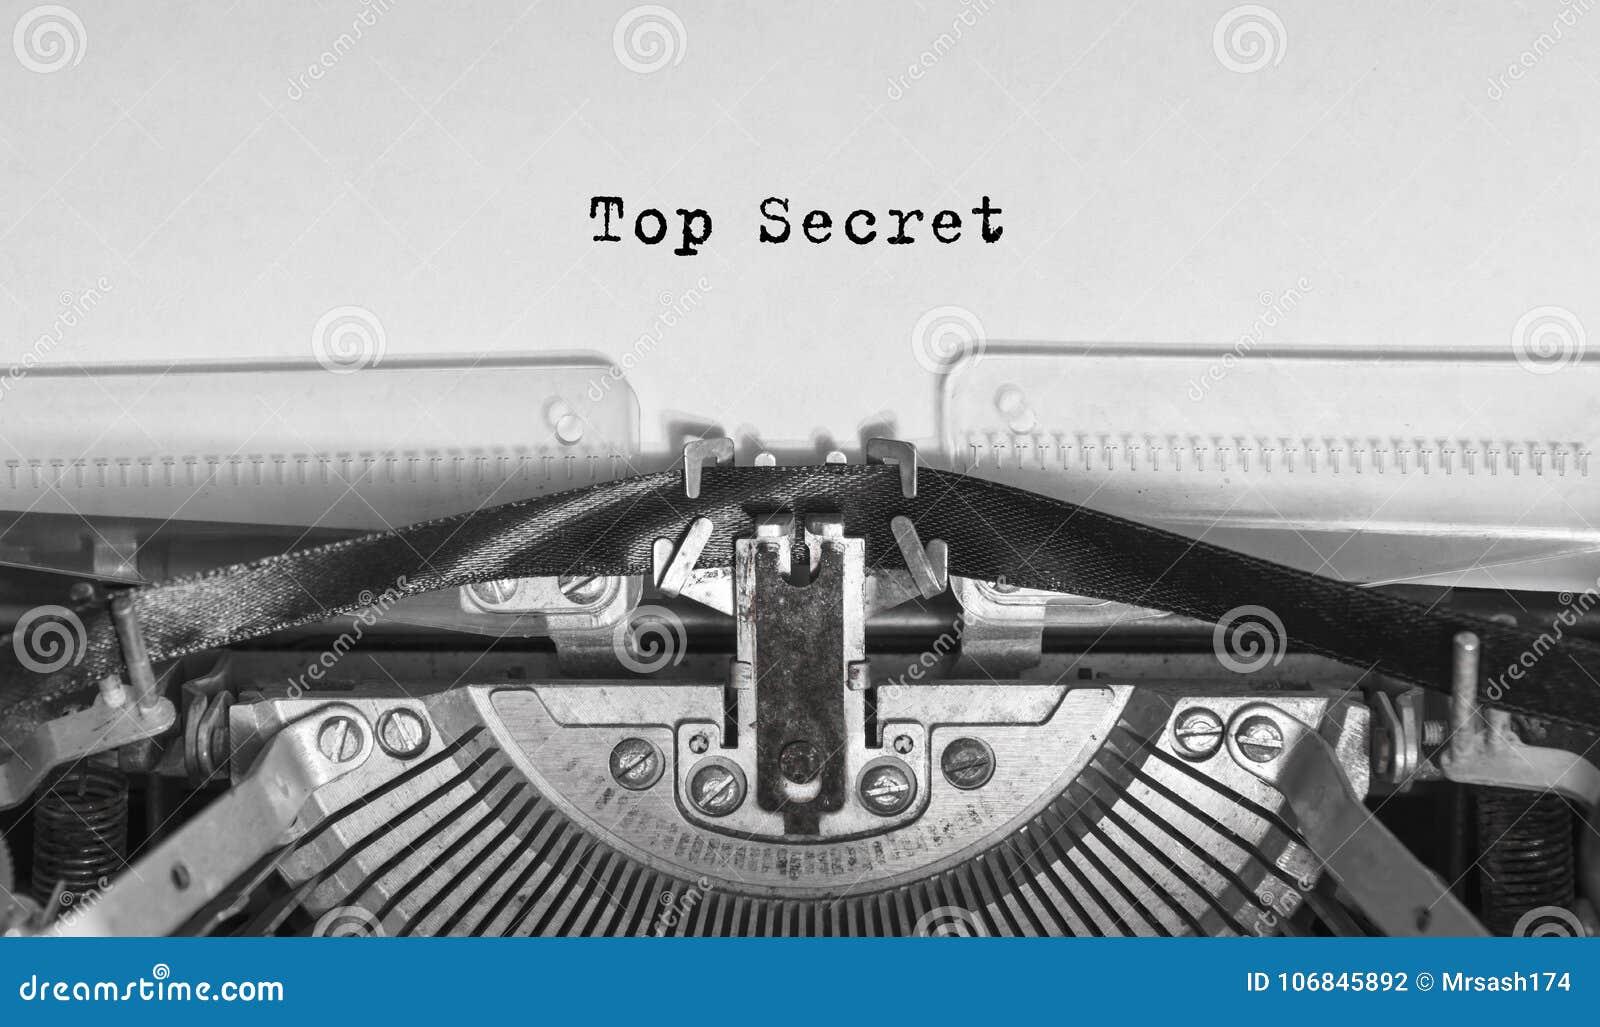 Сверхсекретные напечатанные слова на винтажной машинке